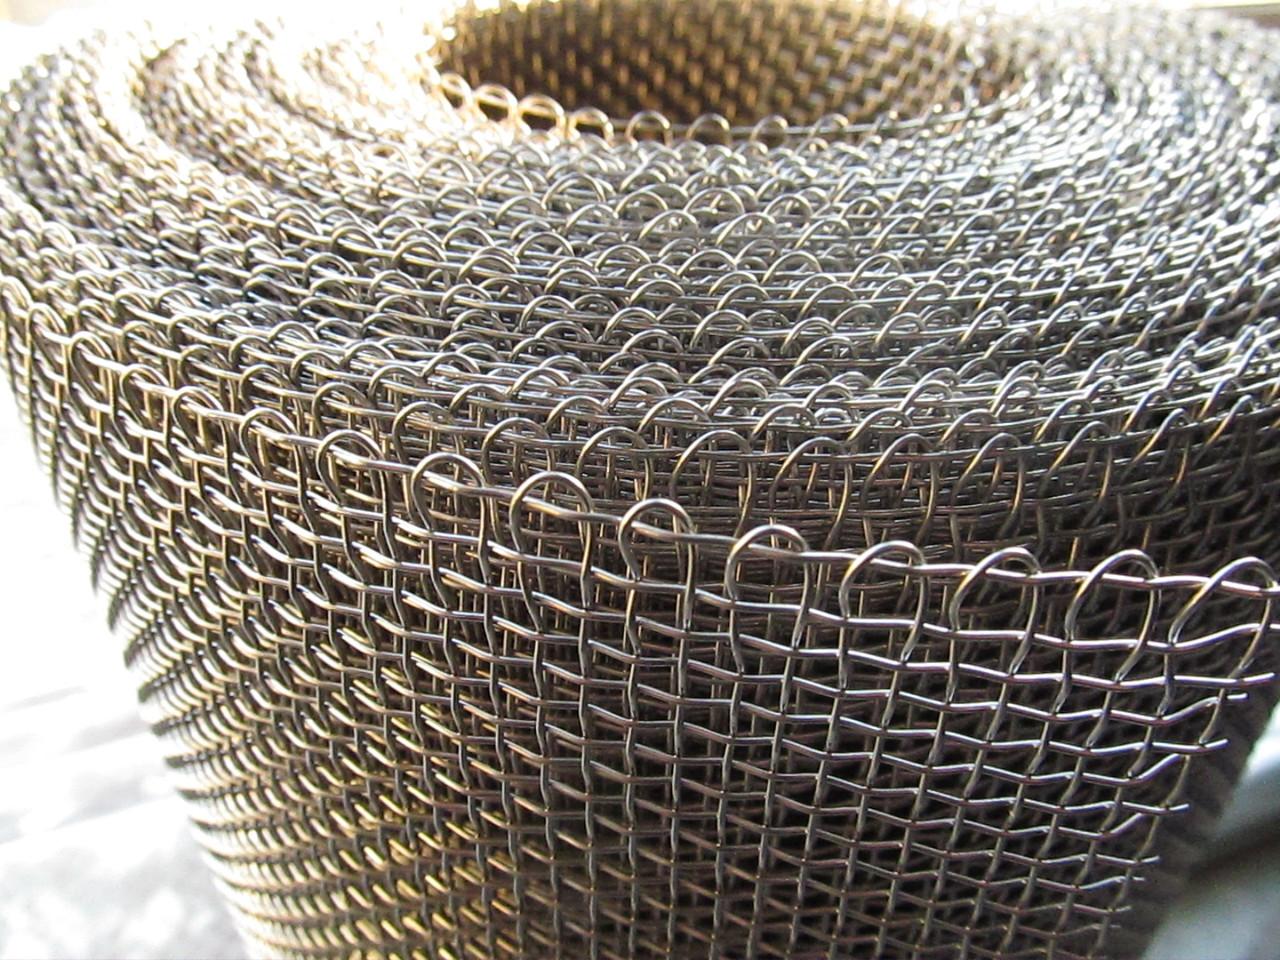 Сетка тканая из нержавеющей проволоки. Ячейка: 6,0мм, Проволока: 1,2мм, Ширина 1м.